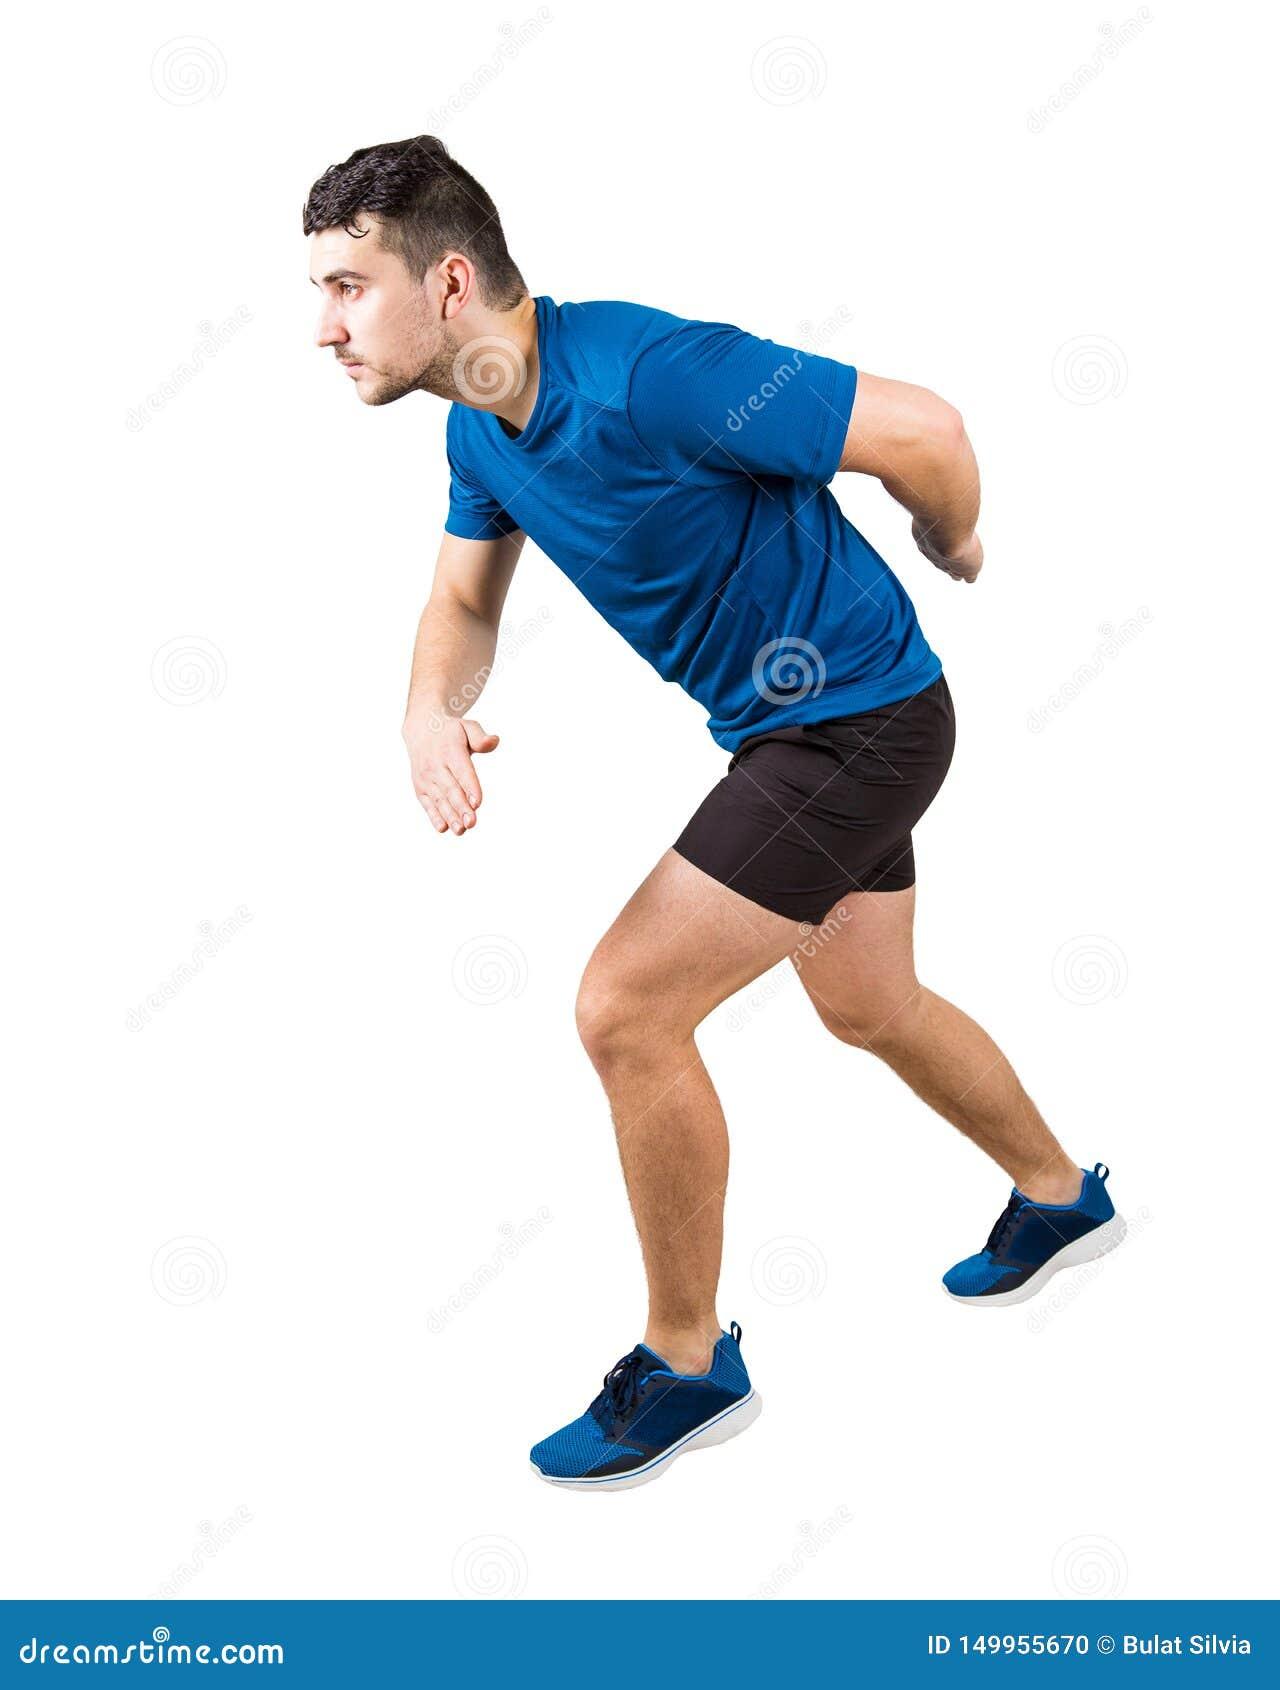 Πλήρες μήκος πλάγιας όψης του καθορισμένου καυκάσιου δρομέα ατόμων που στέκεται στο τρέξιμο της θέσης κοιτάζοντας μπροστά βέβαιας